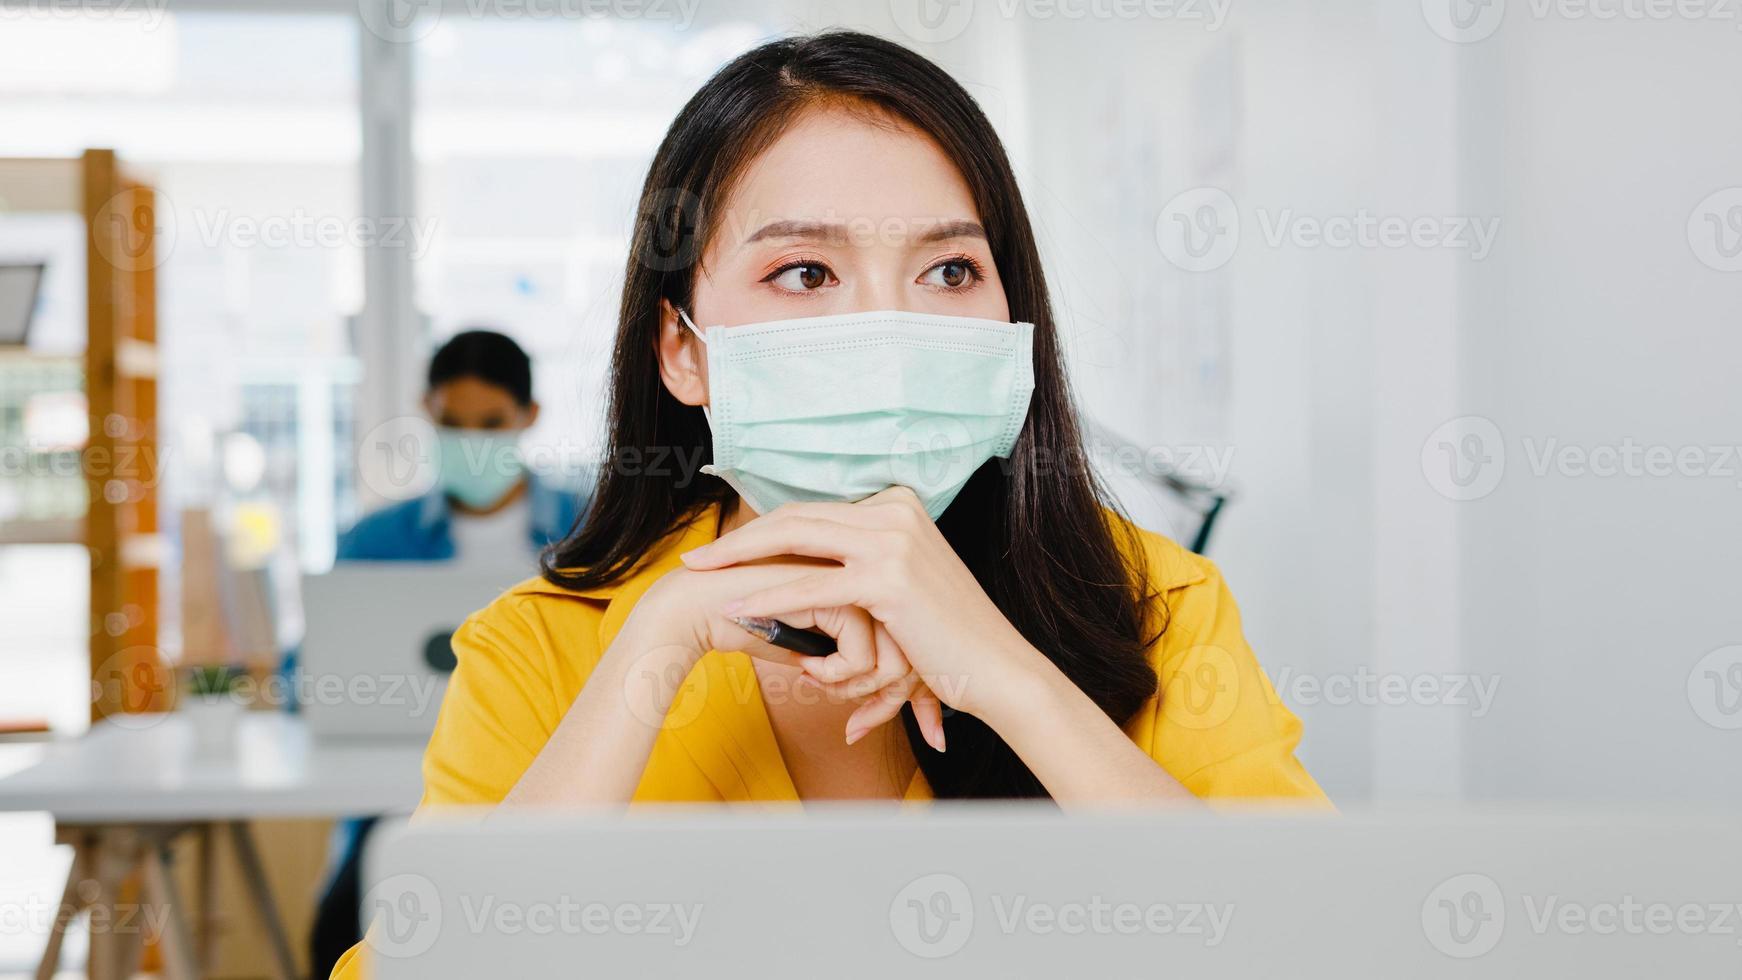 frilansande asiatiska kvinnor bär ansiktsmask med hjälp av laptop hårt arbete på nya vanliga hemmakontor. överbelastning från huset, självisolering, social distansering, karantän för förebyggande av corona -virus. foto